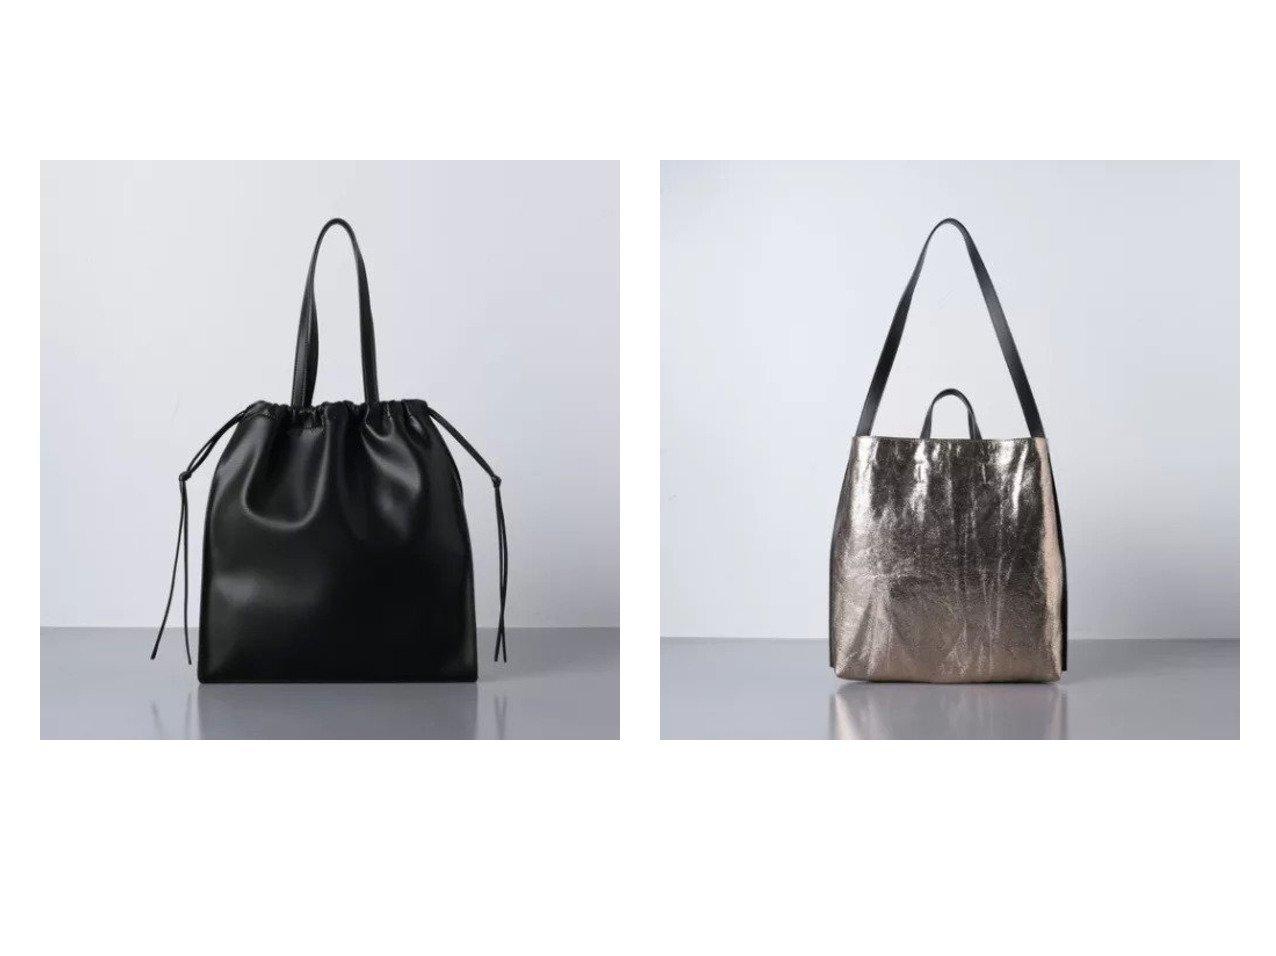 【UNITED ARROWS/ユナイテッドアローズ】のUWSC ドローストリング ソフト トートバッグ&UWSC メタリック 2WAY トートバッグ バッグ・鞄のおすすめ!人気、トレンド・レディースファッションの通販  おすすめで人気の流行・トレンド、ファッションの通販商品 メンズファッション・キッズファッション・インテリア・家具・レディースファッション・服の通販 founy(ファニー) https://founy.com/ ファッション Fashion レディースファッション WOMEN バッグ Bag ギャザー ドローコード ドローストリング メタリック  ID:crp329100000009940